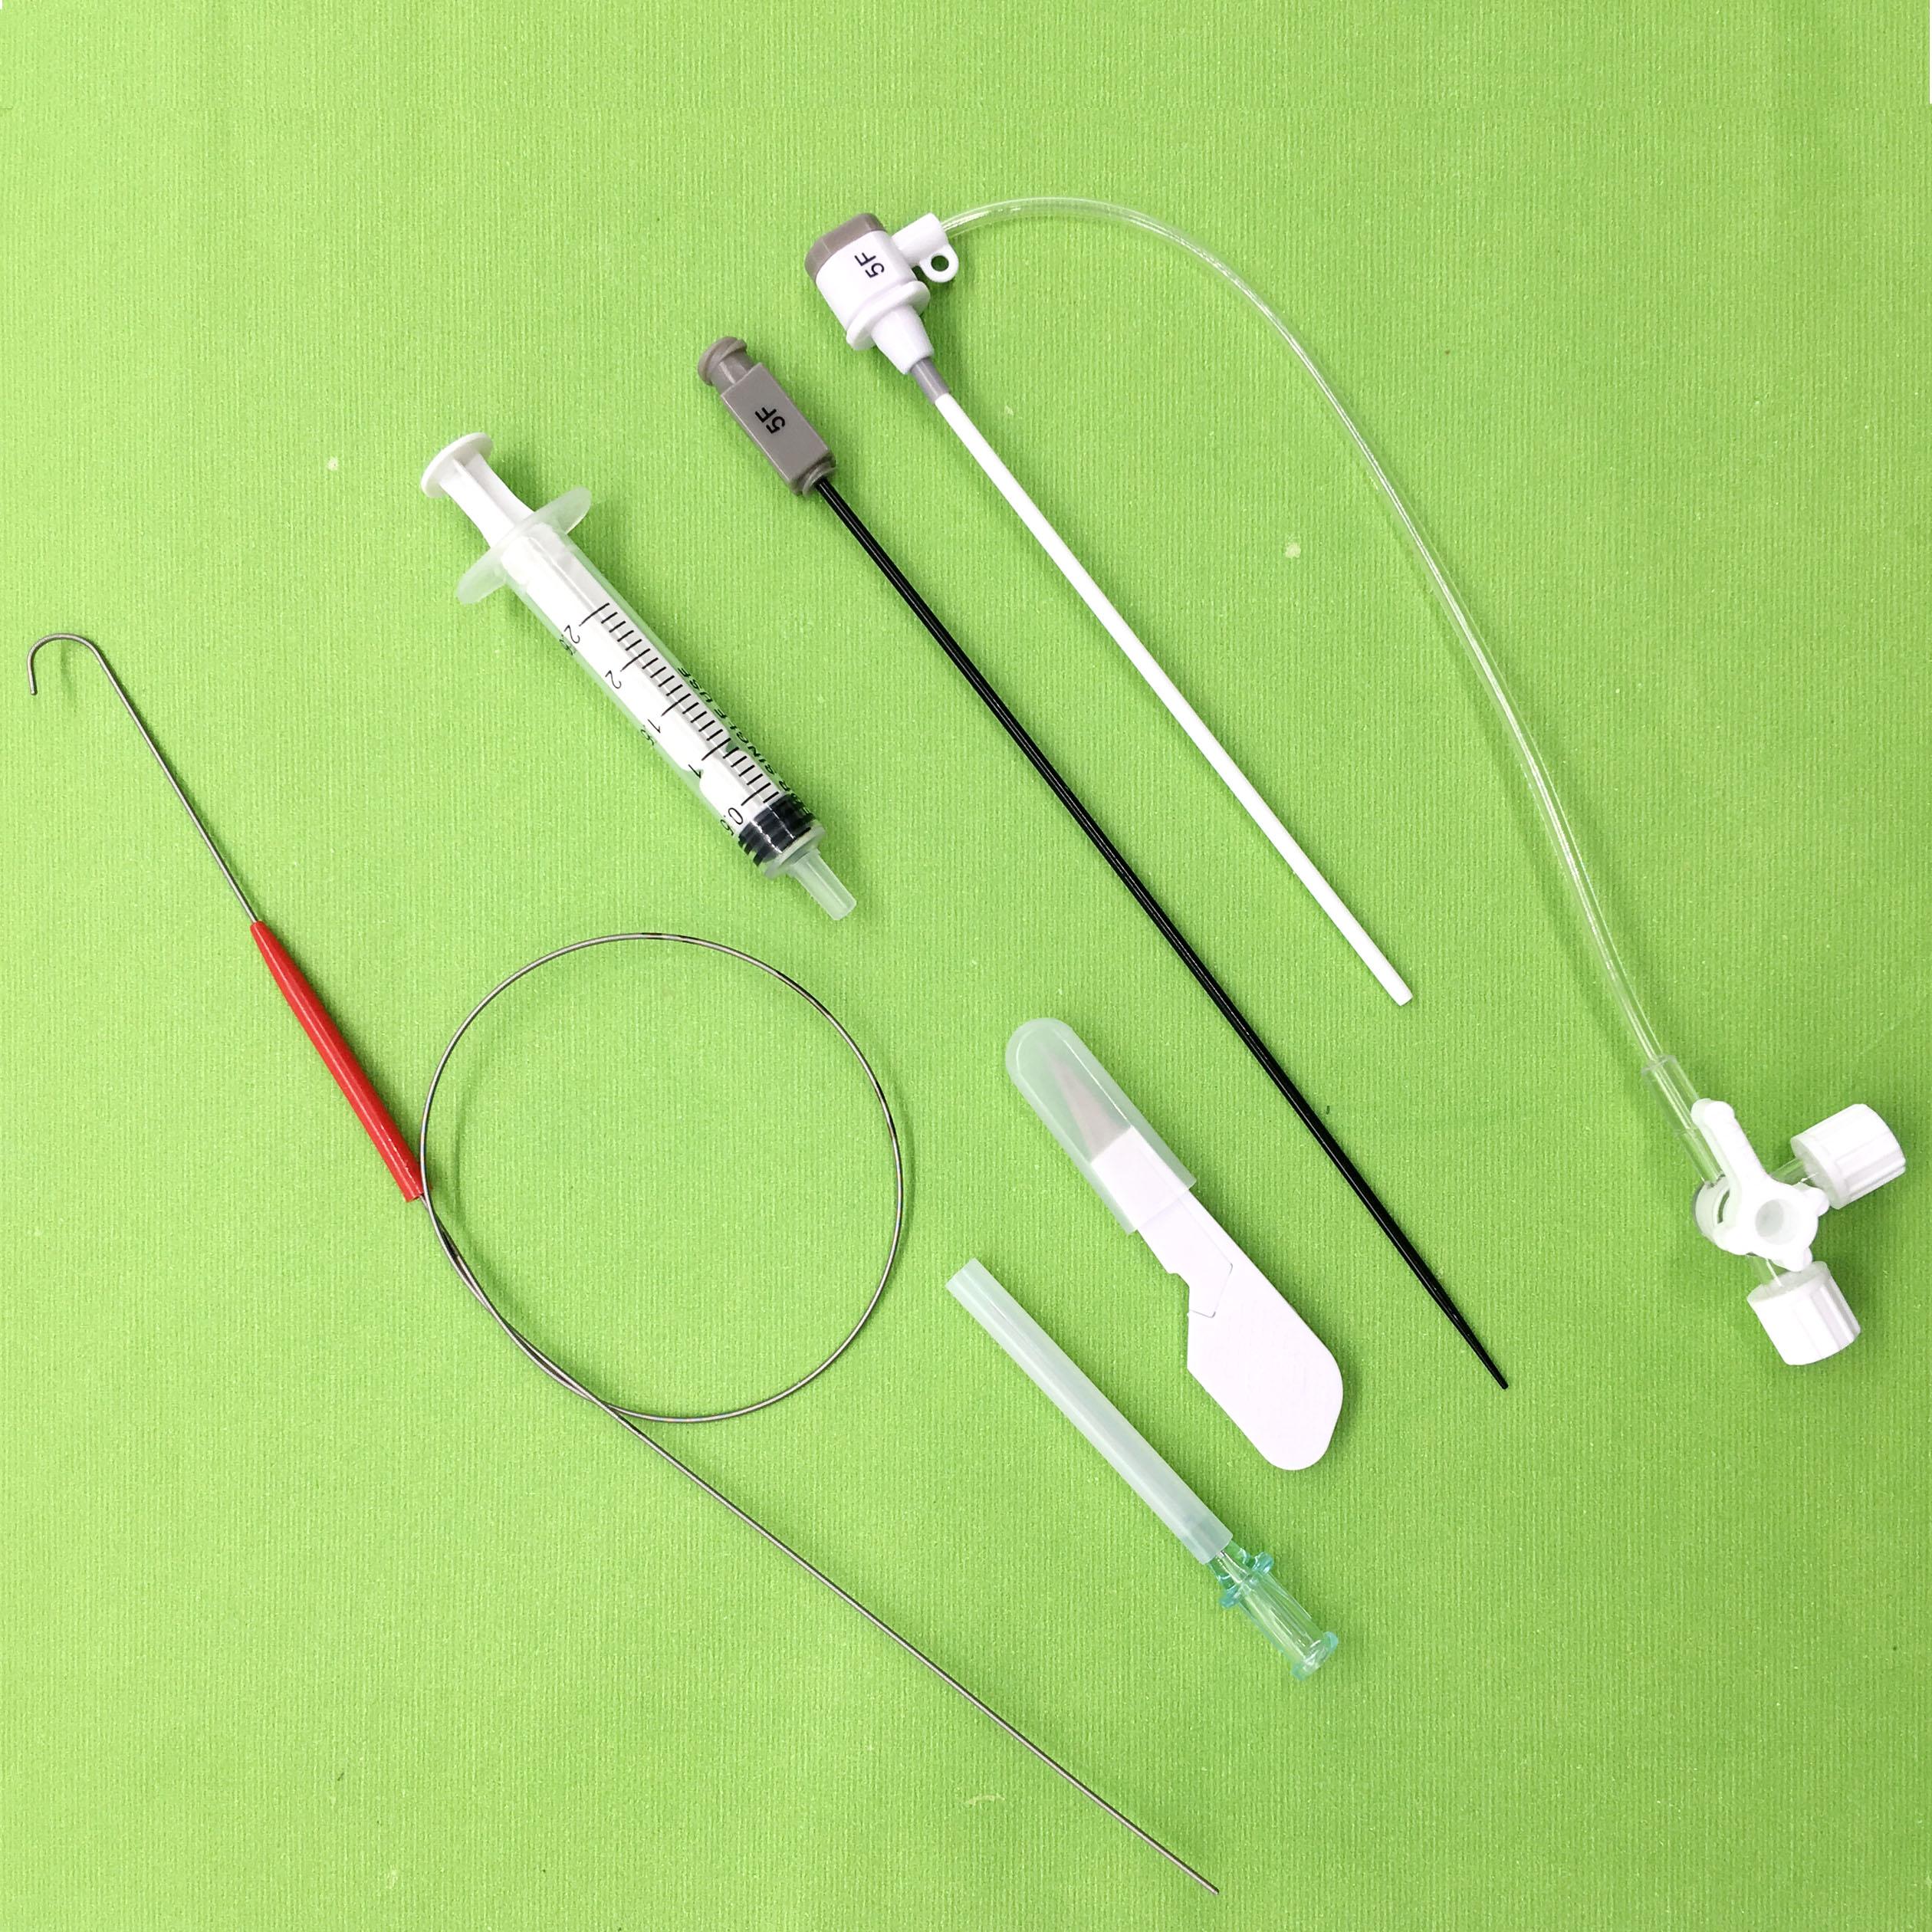 Medical 5F 6F 7F 8F 9F 10F Femoral,transradial introducer sheath 11cm